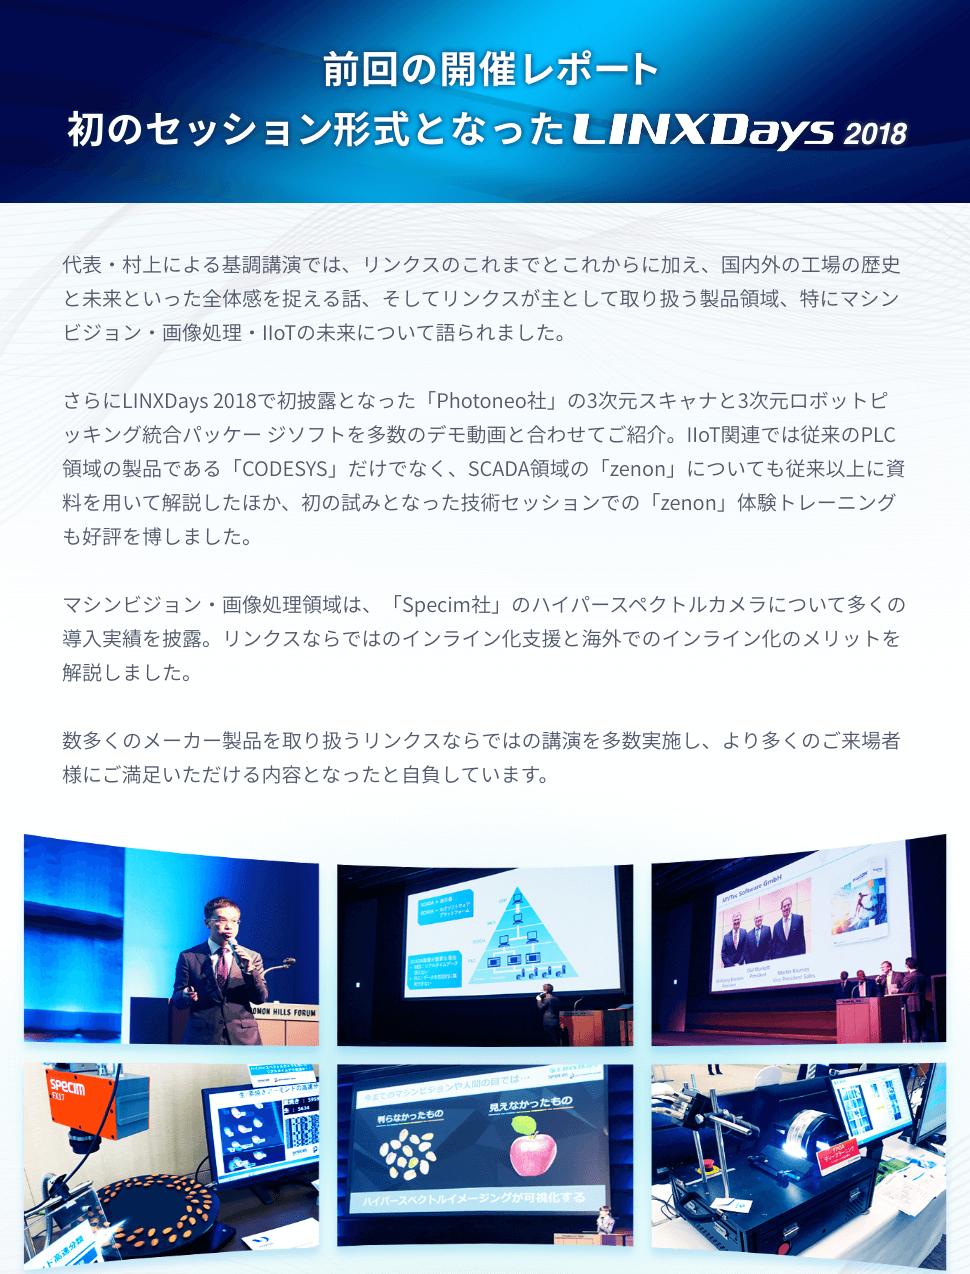 前回の開催レポート 初のセッション形式となったLINXDays 2018 代表・村上による基調講演では、リンクスのこれまでとこれからに加え、国内外の工場の歴史と未来といった全体感を捉える話、そしてリンクスが主として取り扱う製品領域、特にマシンビジョン・画像処理・IIoTの未来について語られました。 さらにLINXDays 2018で初披露となった「Photoneo社」の3次元スキャナと3次元ロボットピッキング統合パッケージソフトを多数のデモ動画と合わせてご紹介。IIoT関連では従来のPLC領域の製品である「CODESYS」だけでなく、SCADA領域の「zenon」についても従来以上に資料を用いて解説したほか、初の試みとなった技術セッションでの「zenon」体験トレーニングも好評を博しました。 マシンビジョン・画像処理領域は、「Specim社」のハイパースペクトルカメラについて多くの導入実績を披露。リンクスならではのインライン化支援と海外でのインライン化のメリットを解説しました。 数多くのメーカー製品を取り扱うリンクスならではの講演を多数実施し、より多くのご来場者様にご満足いただける内容となったと自負しています。